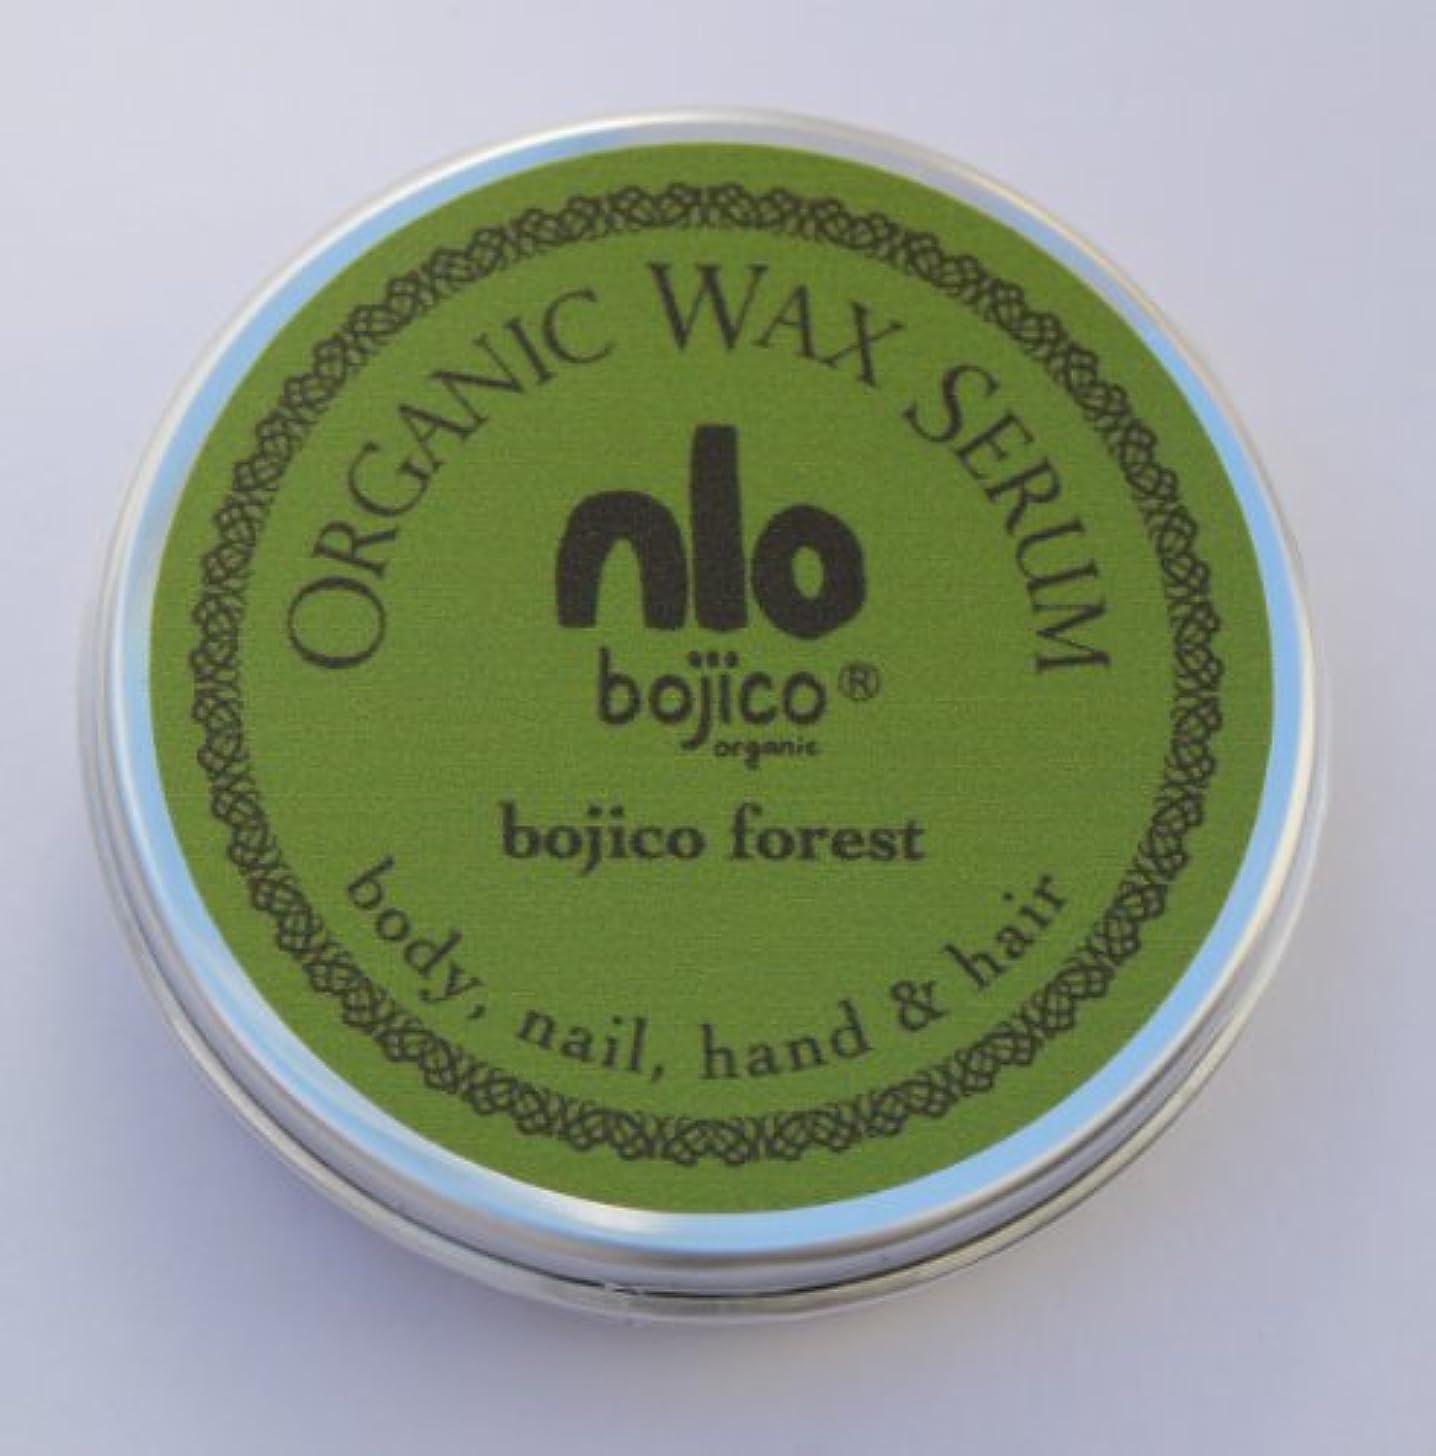 現代所属ブローbojico オーガニック ワックス セラム<フォレスト> Organic Wax Serum 18g